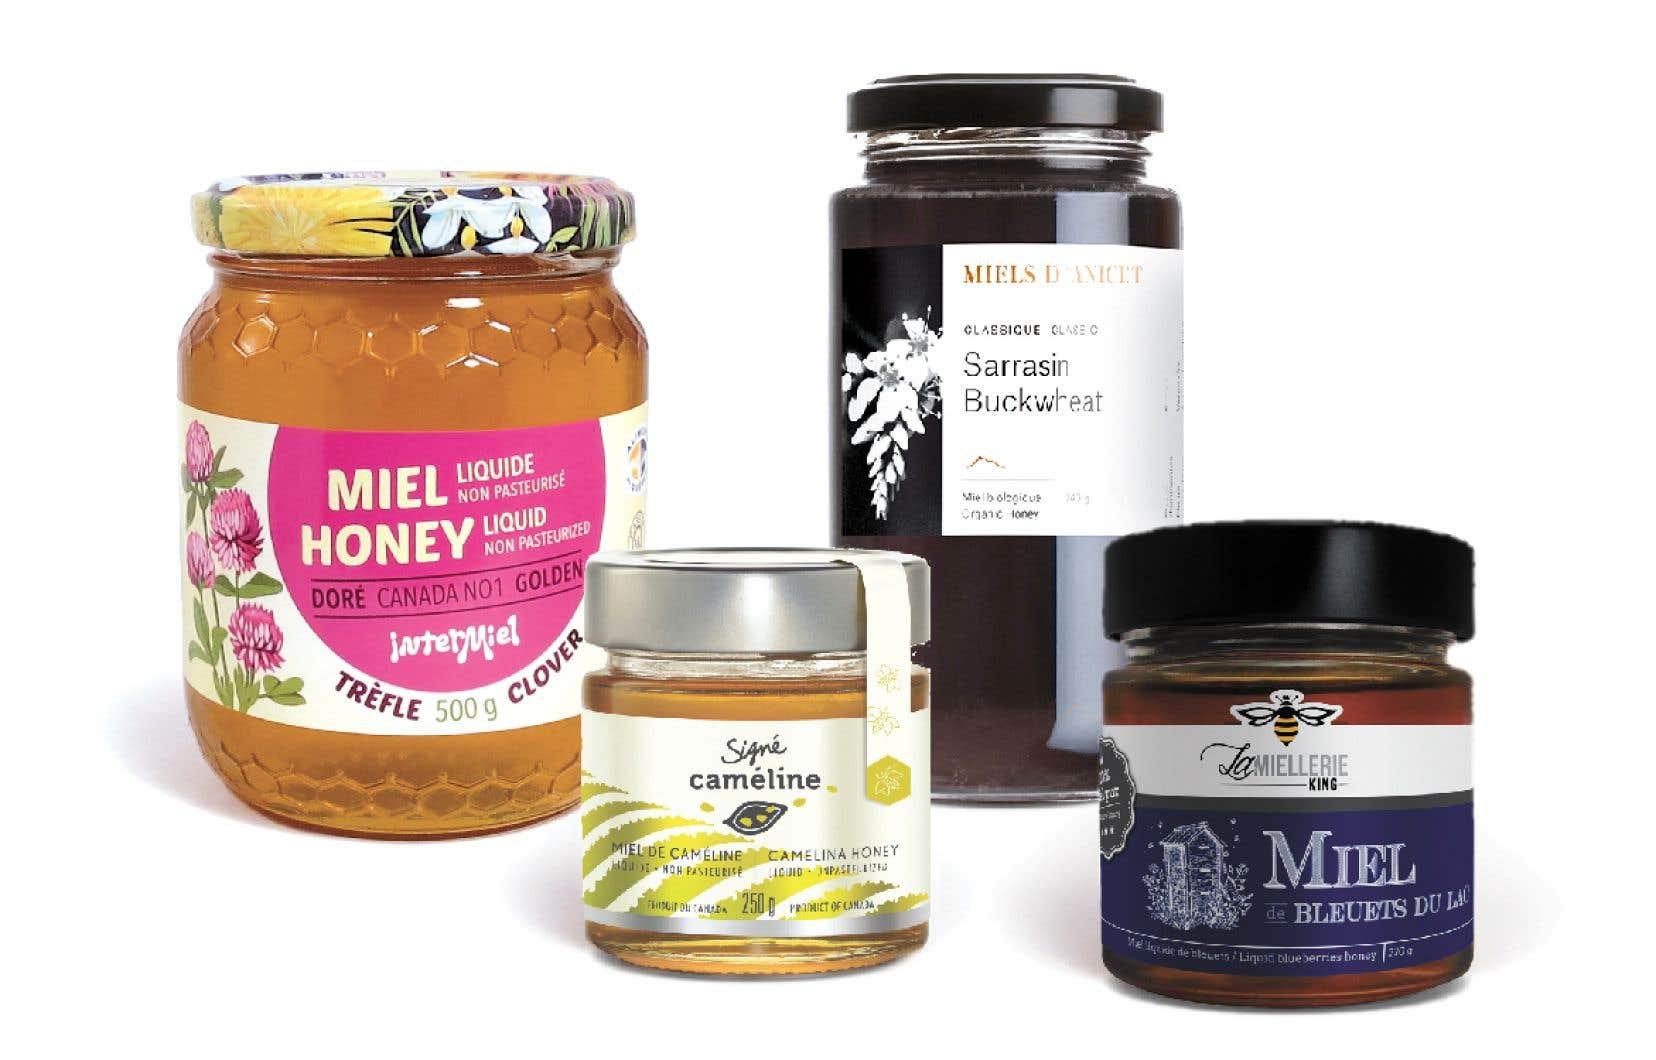 Du plus doux au plus corsé, les miels de chez nous révèlent des profils aromatiques pour tous les goûts.